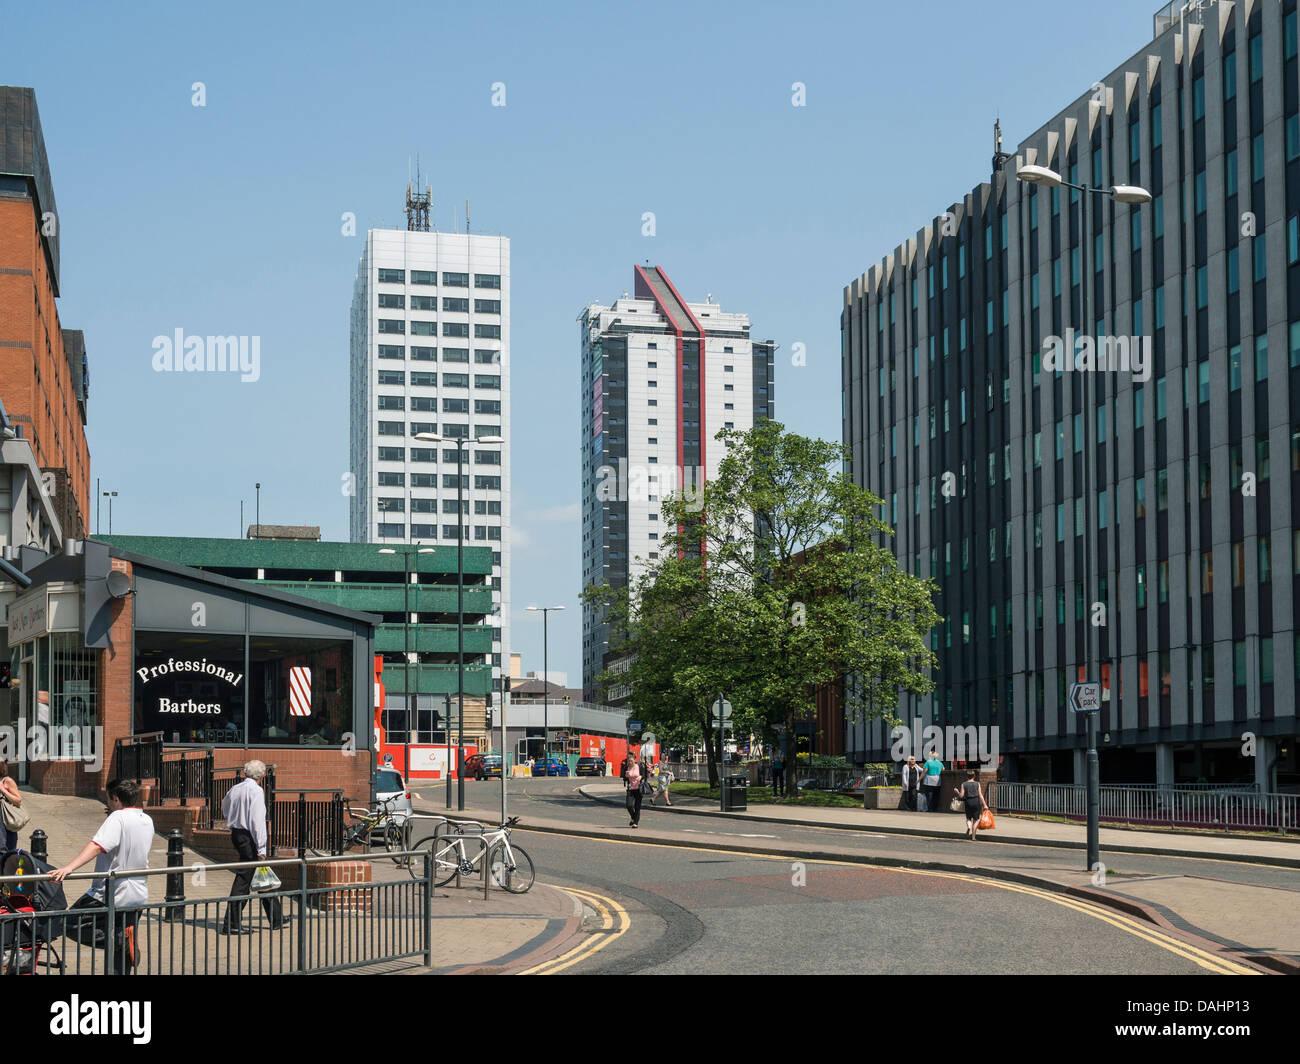 Modern apartment blocks Wade lane Leeds UK - Stock Image